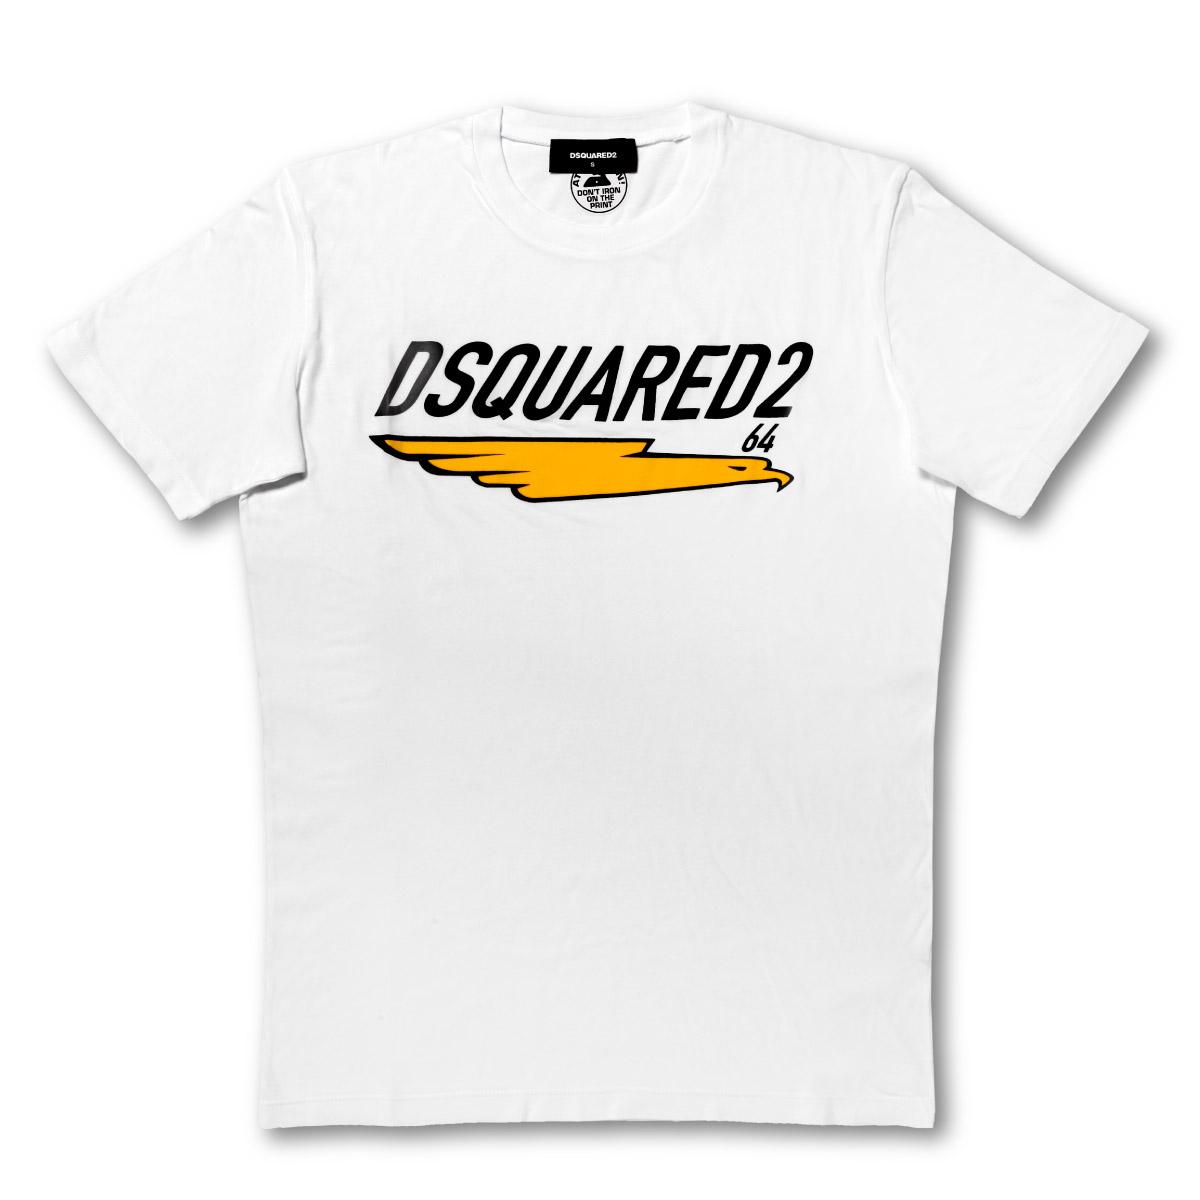 ディースクエアード DSQUARED 2 Tシャツ メンズ S74GD0687 S21600 100 半袖Tシャツ WHITE ホワイト